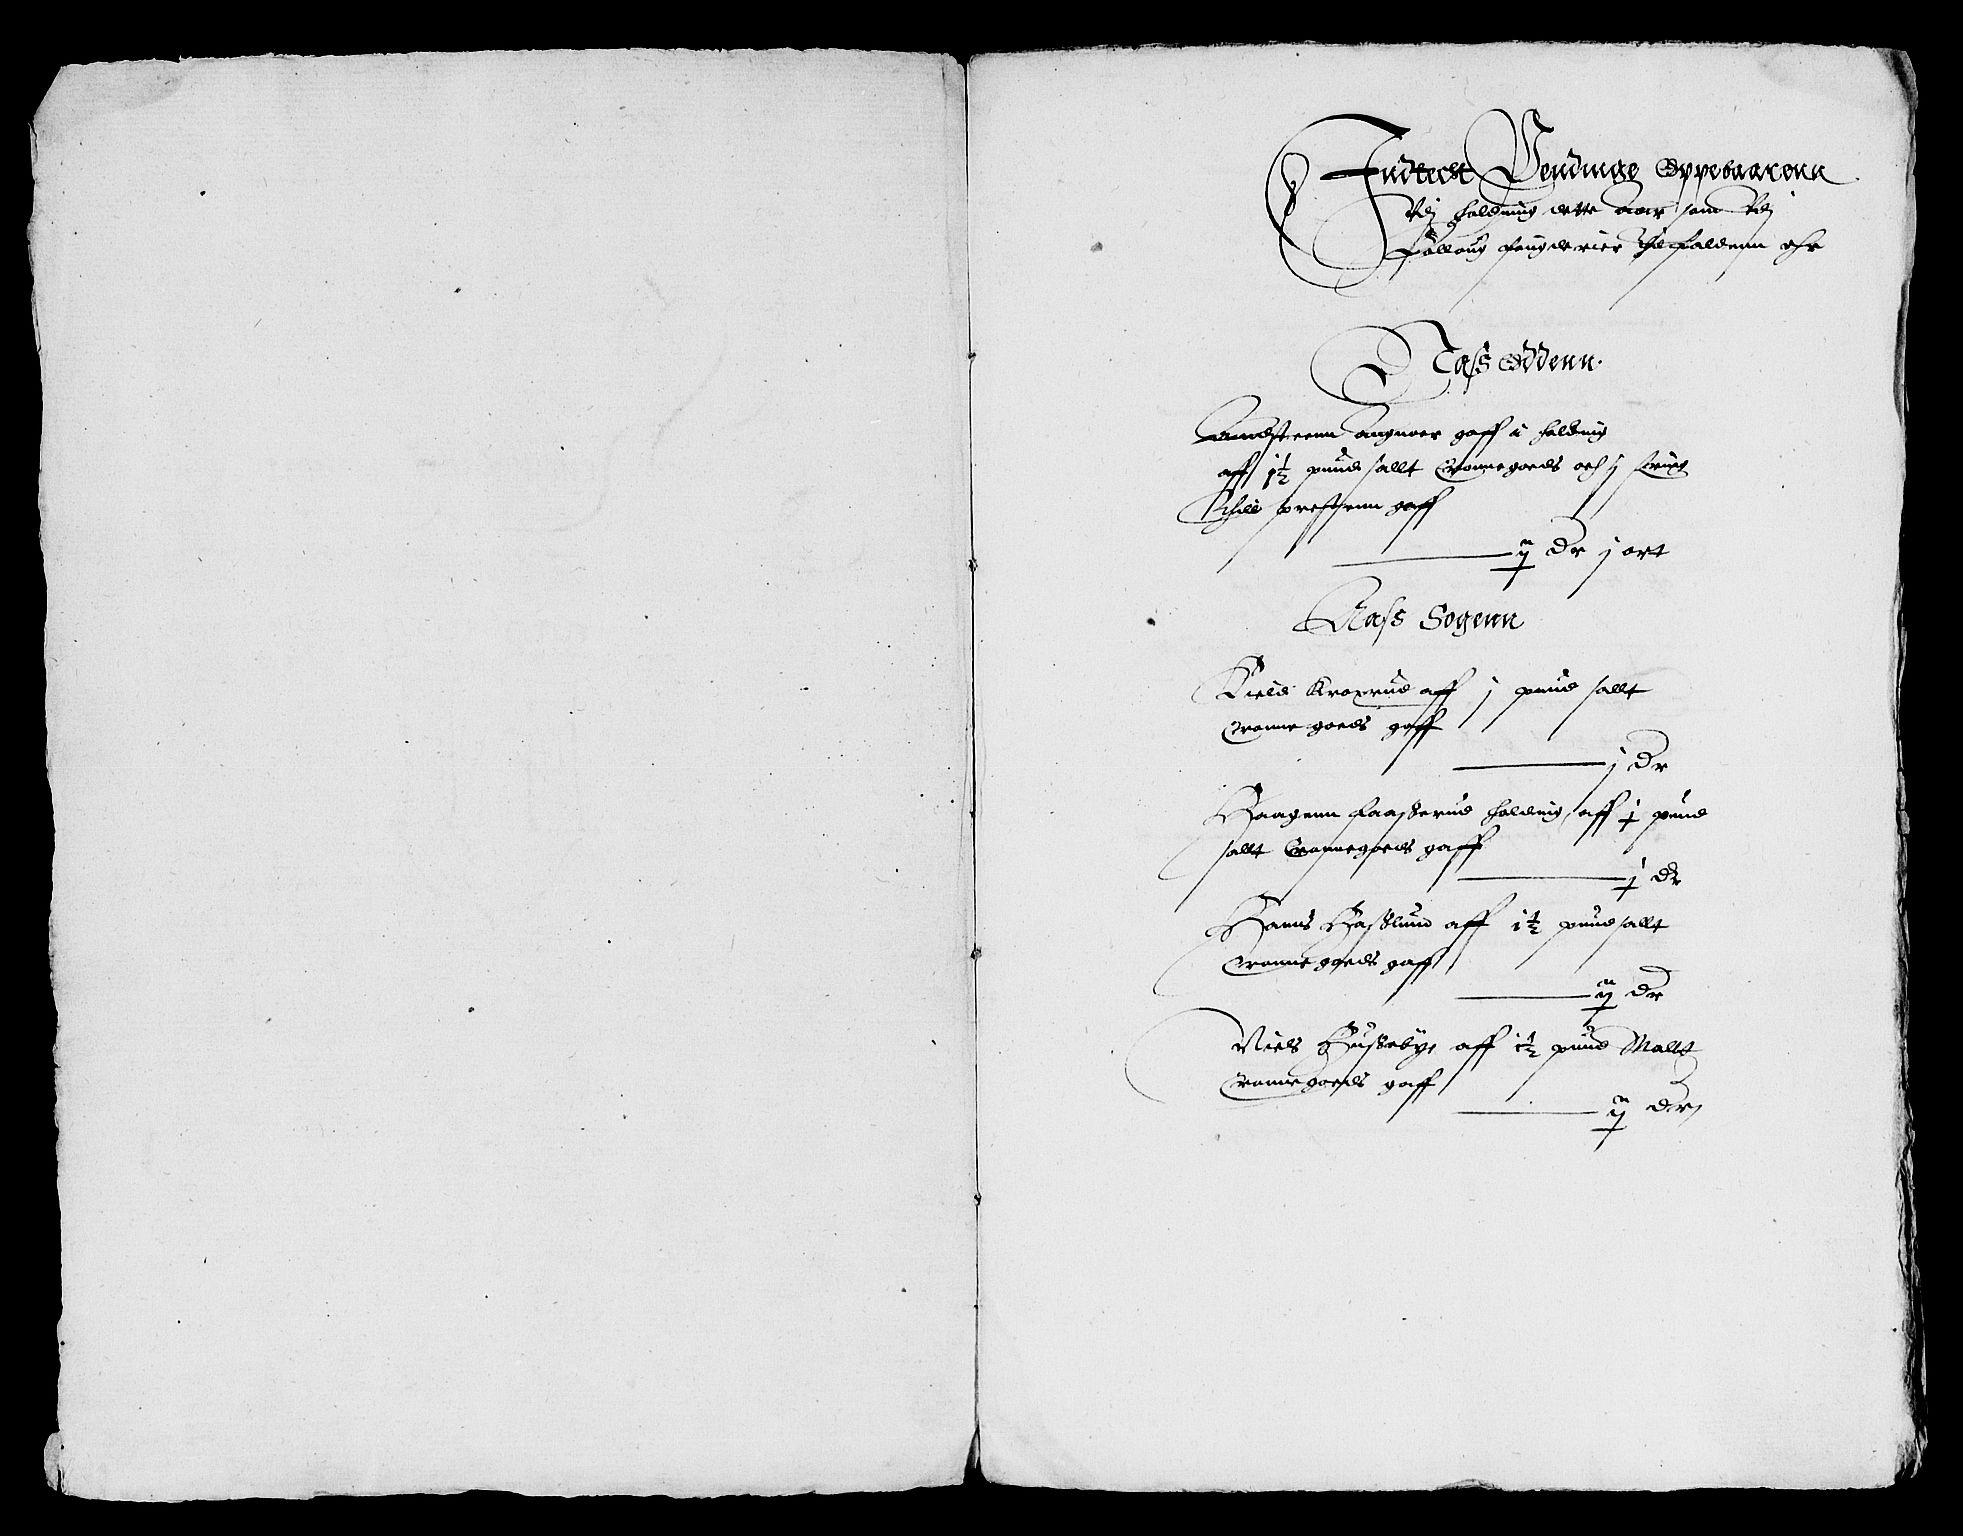 RA, Rentekammeret inntil 1814, Reviderte regnskaper, Lensregnskaper, R/Rb/Rba/L0068: Akershus len, 1623-1625